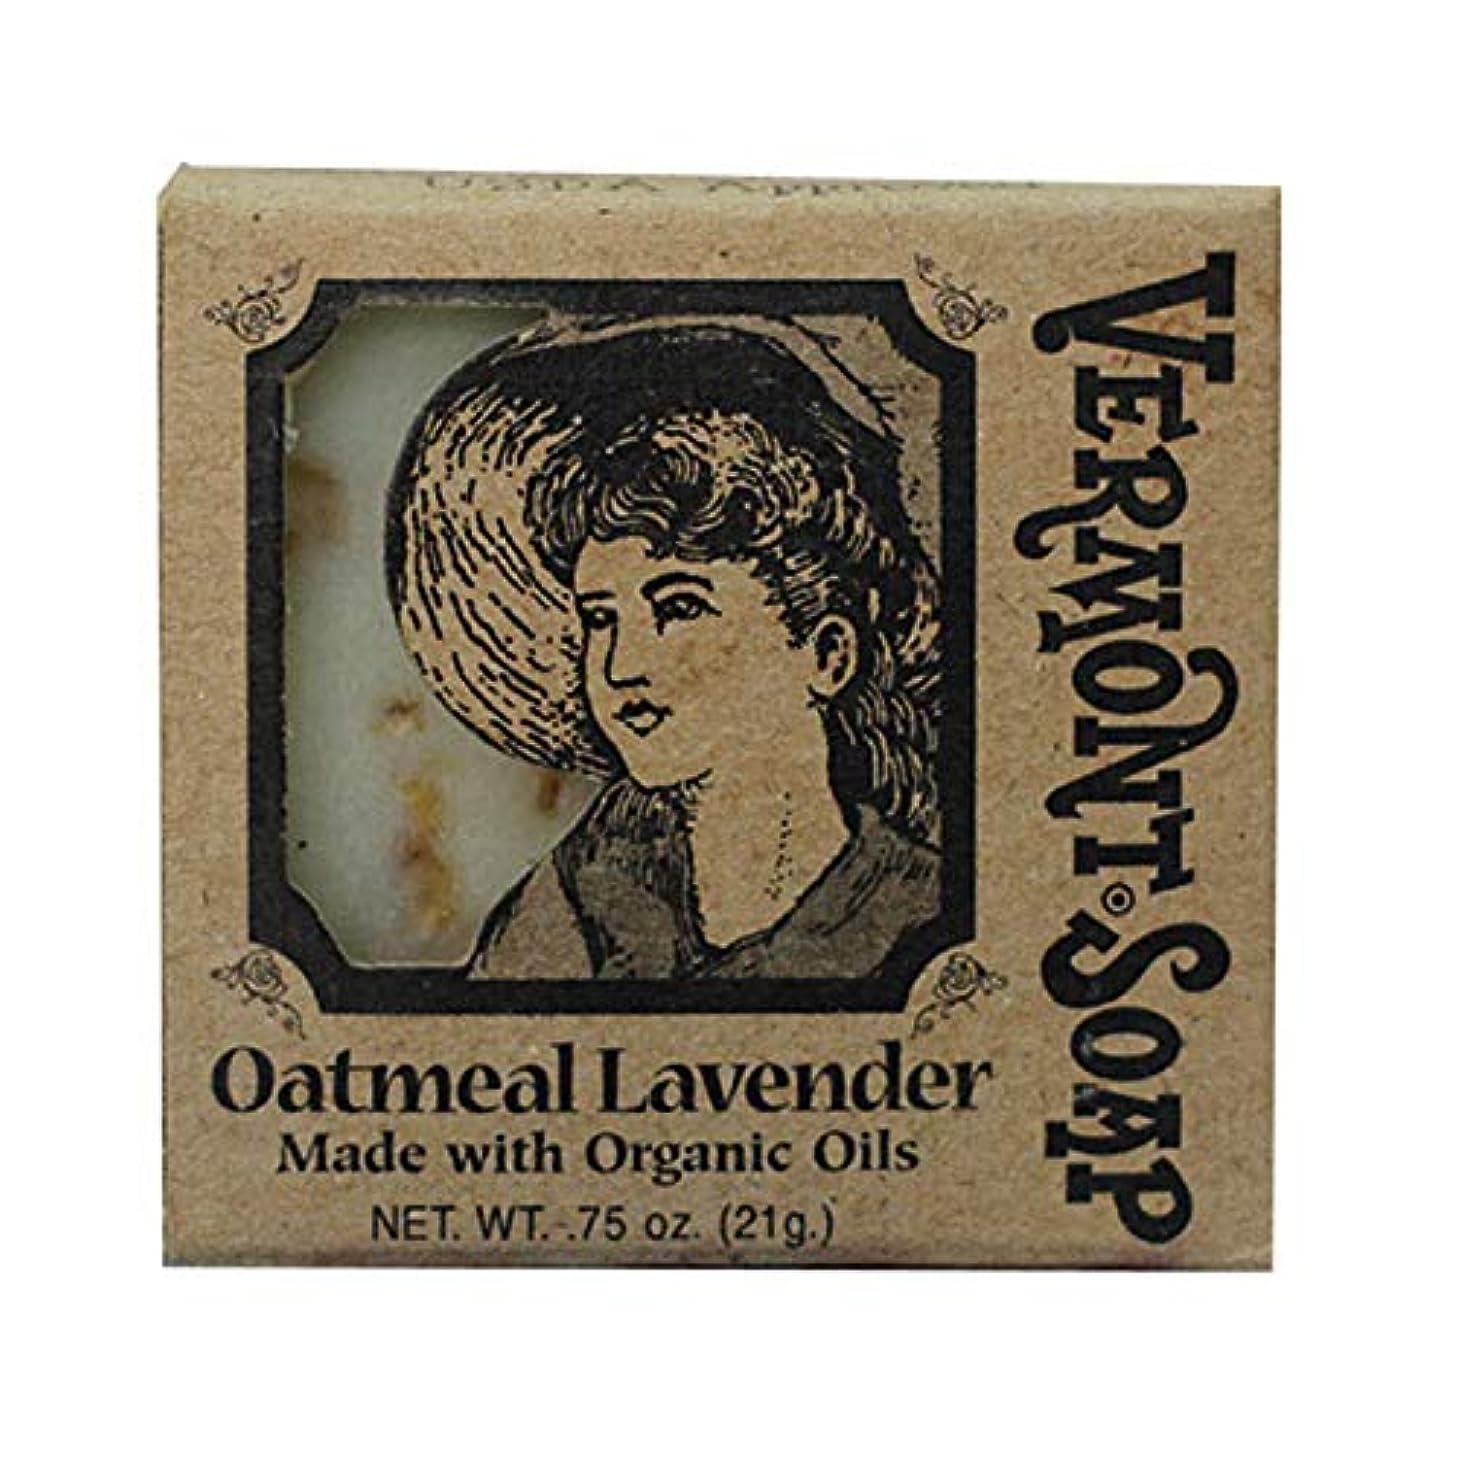 動作予防接種する堂々たるバーモントソープ トラベル用 (オートミールラベンダー) オーガニック石鹸 洗顔 21g